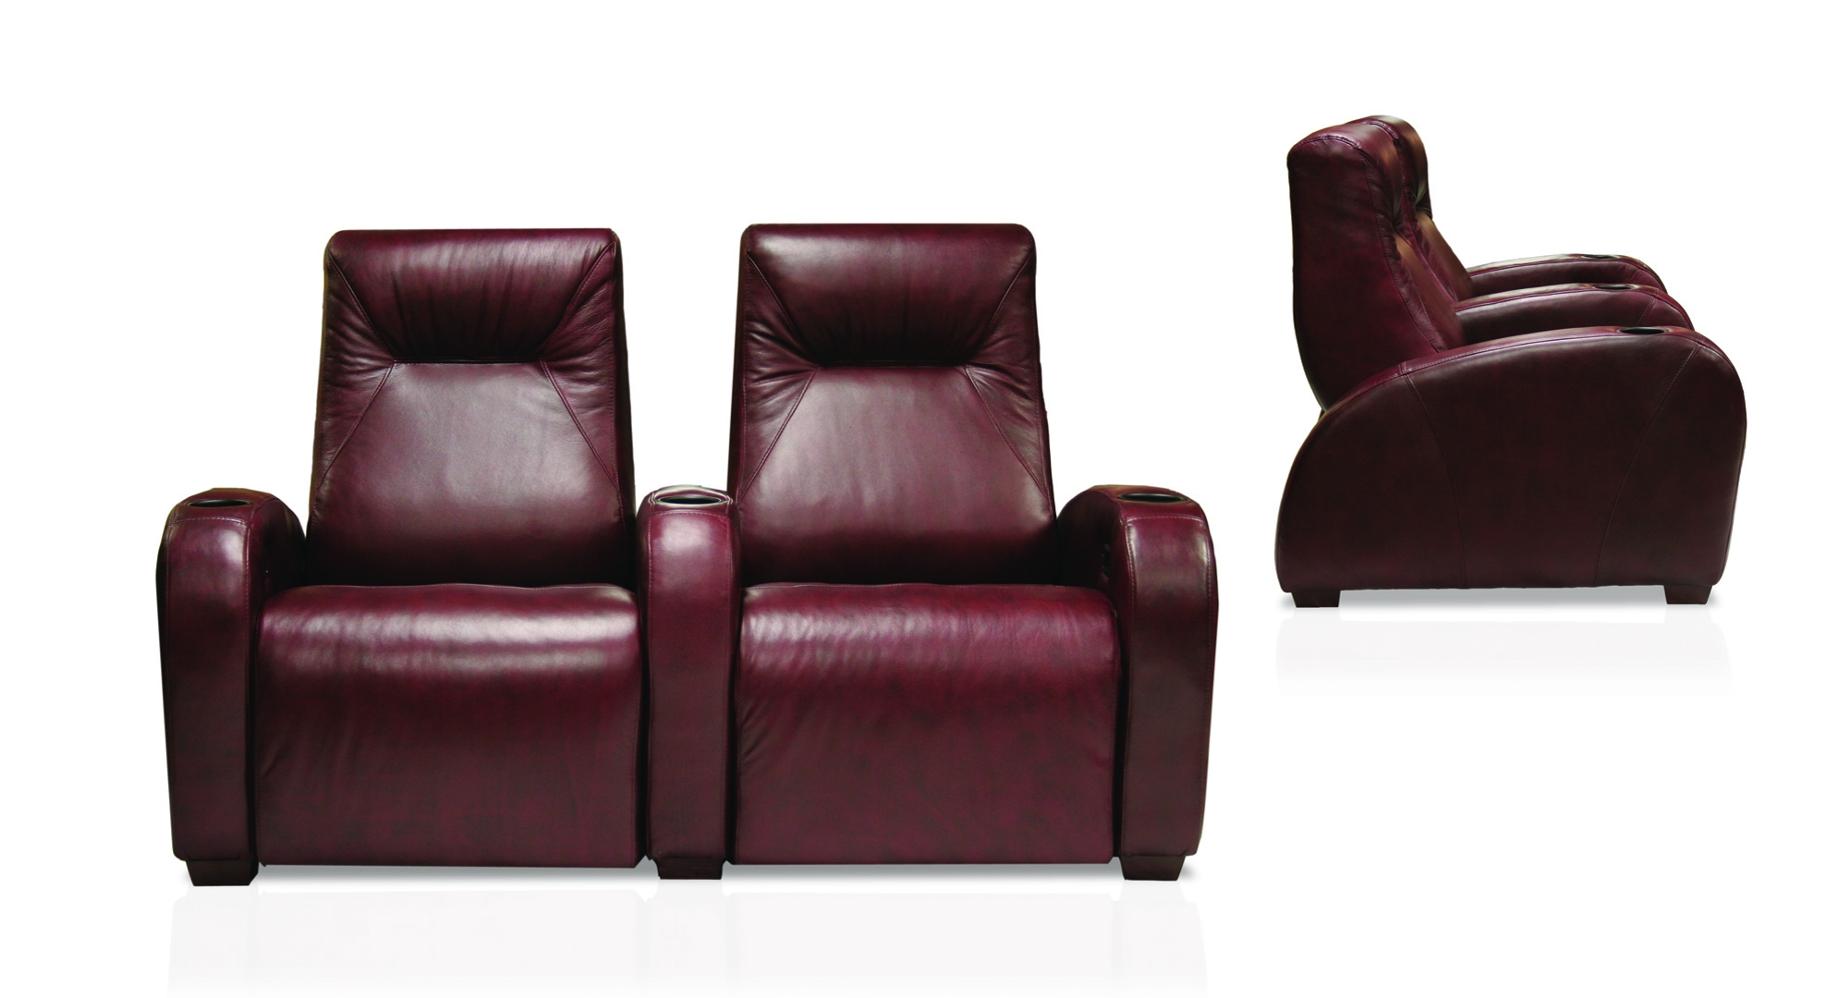 fauteuils cin ma maison jaymar 42444 qu bec acoustique canada. Black Bedroom Furniture Sets. Home Design Ideas